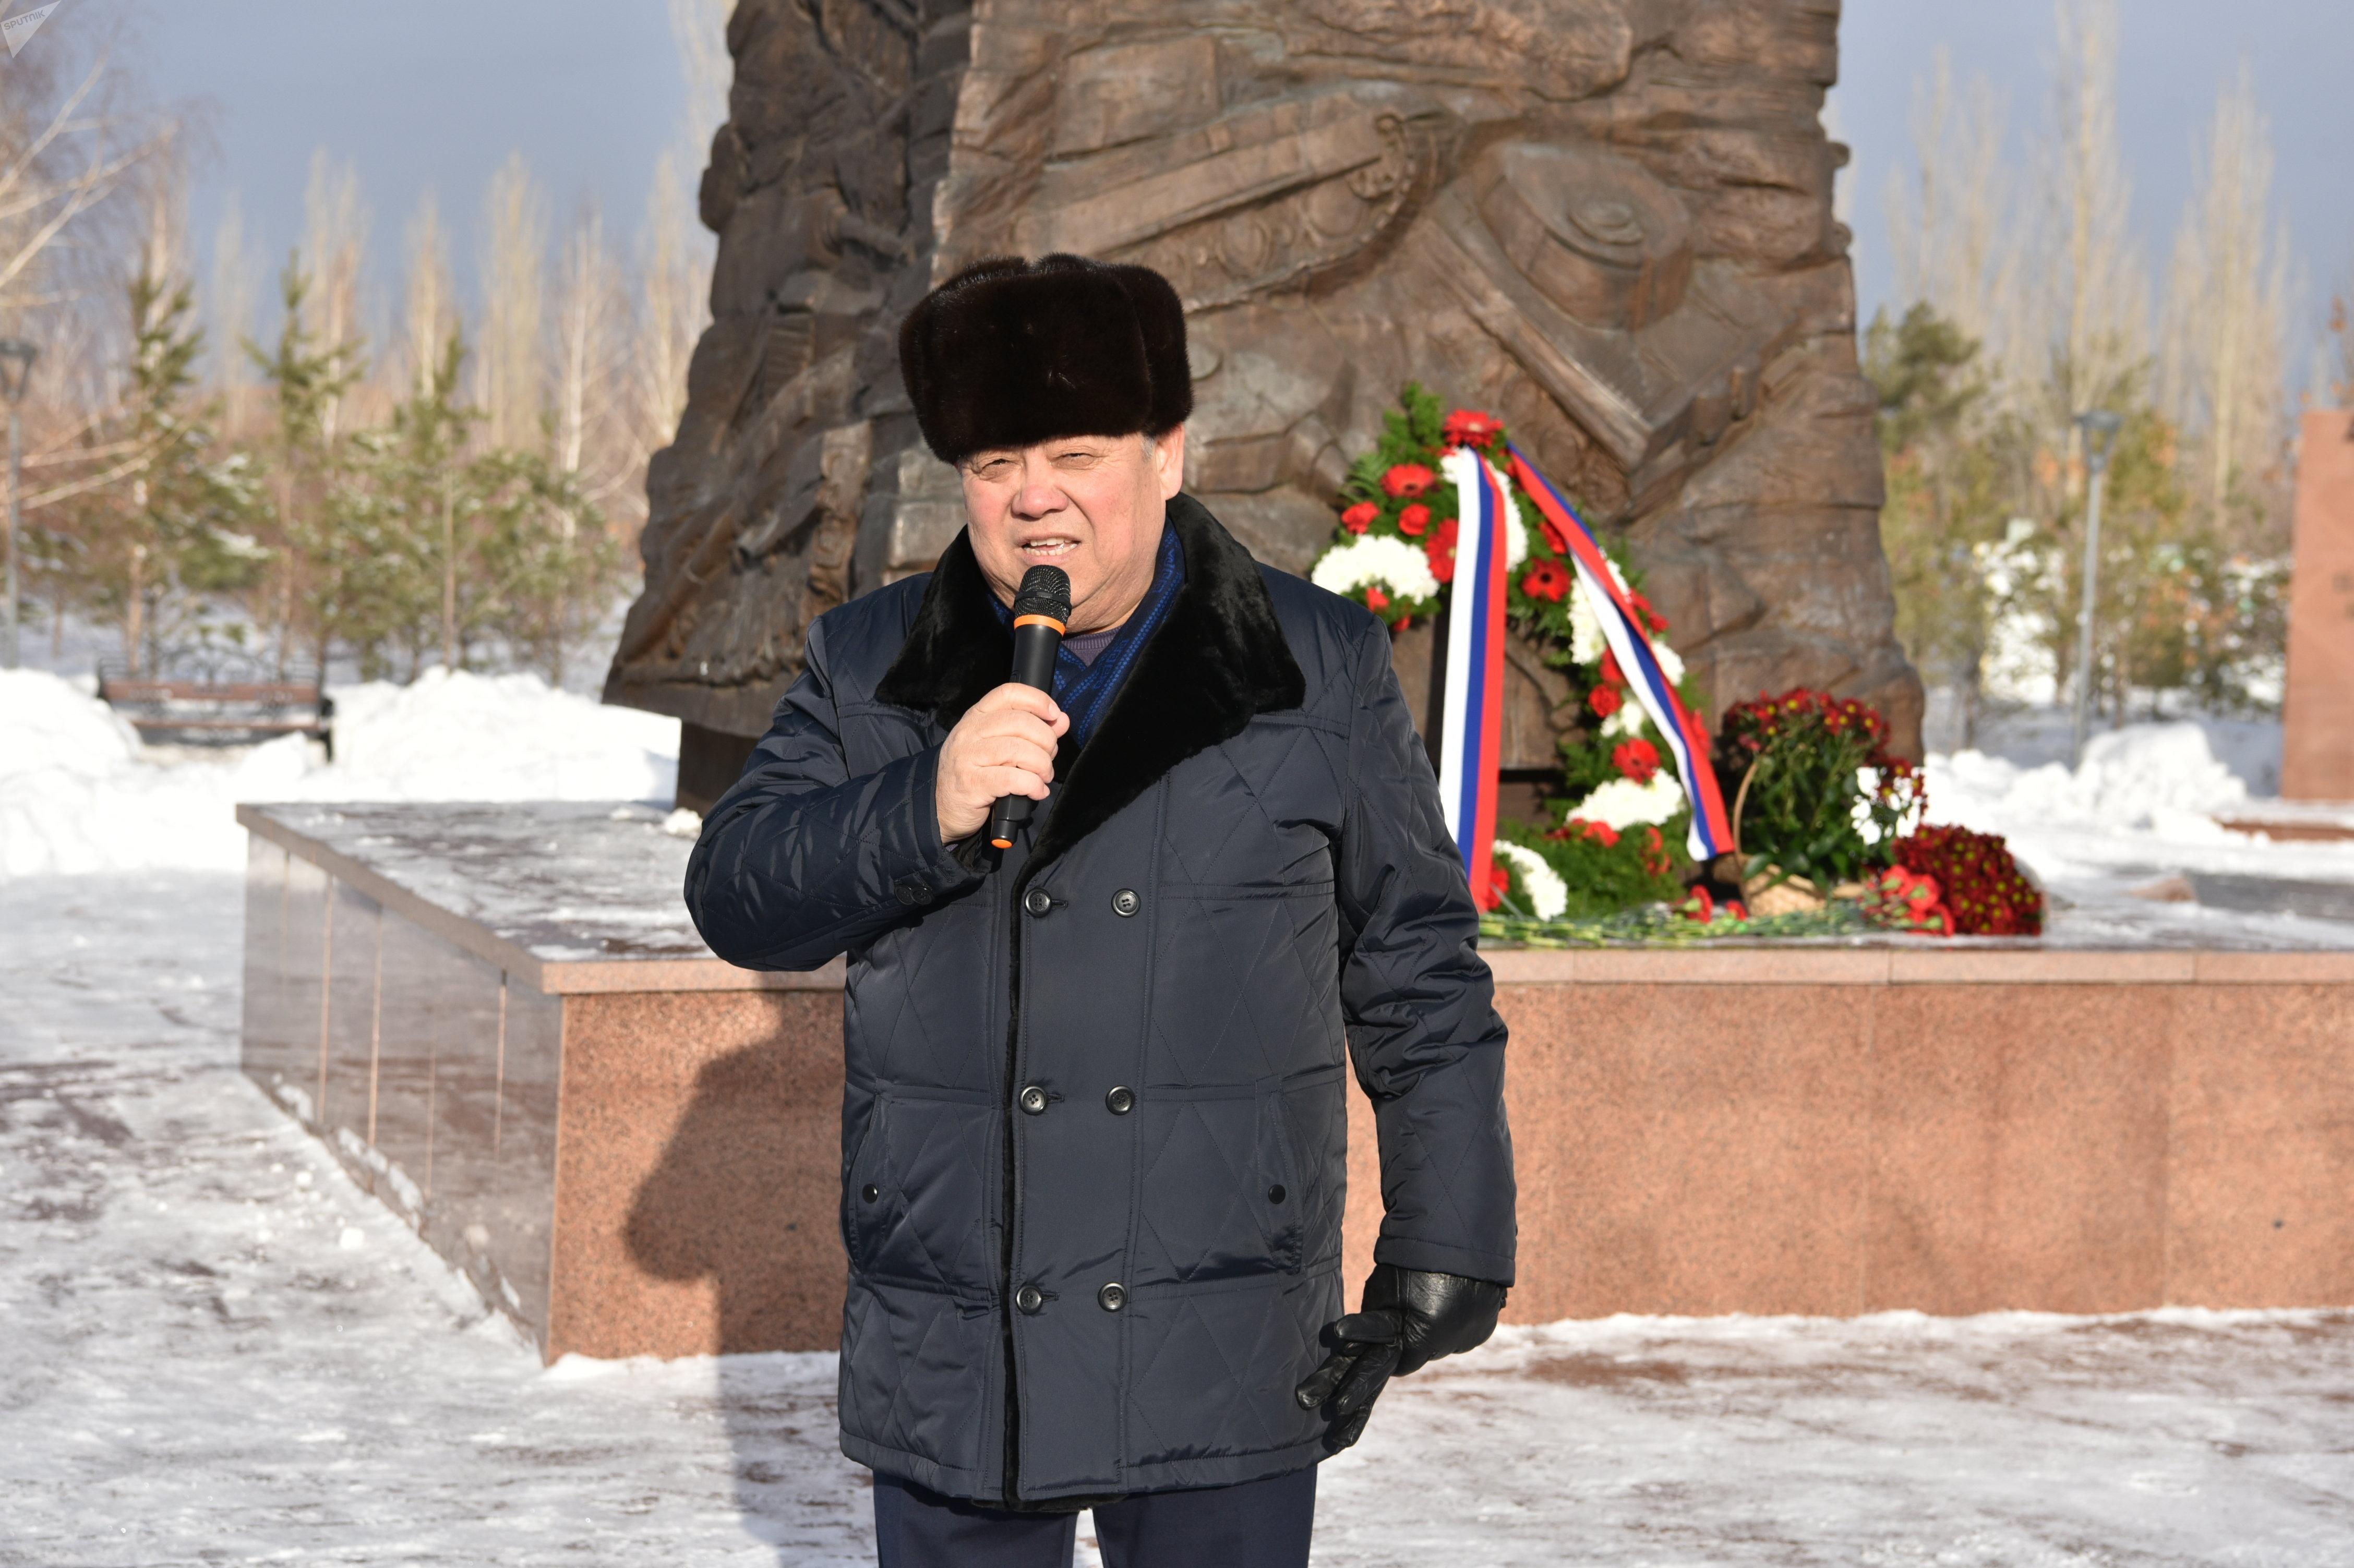 Толеген Мусабеков, внук героя-панфиловца Мусабека Сенгирбаева